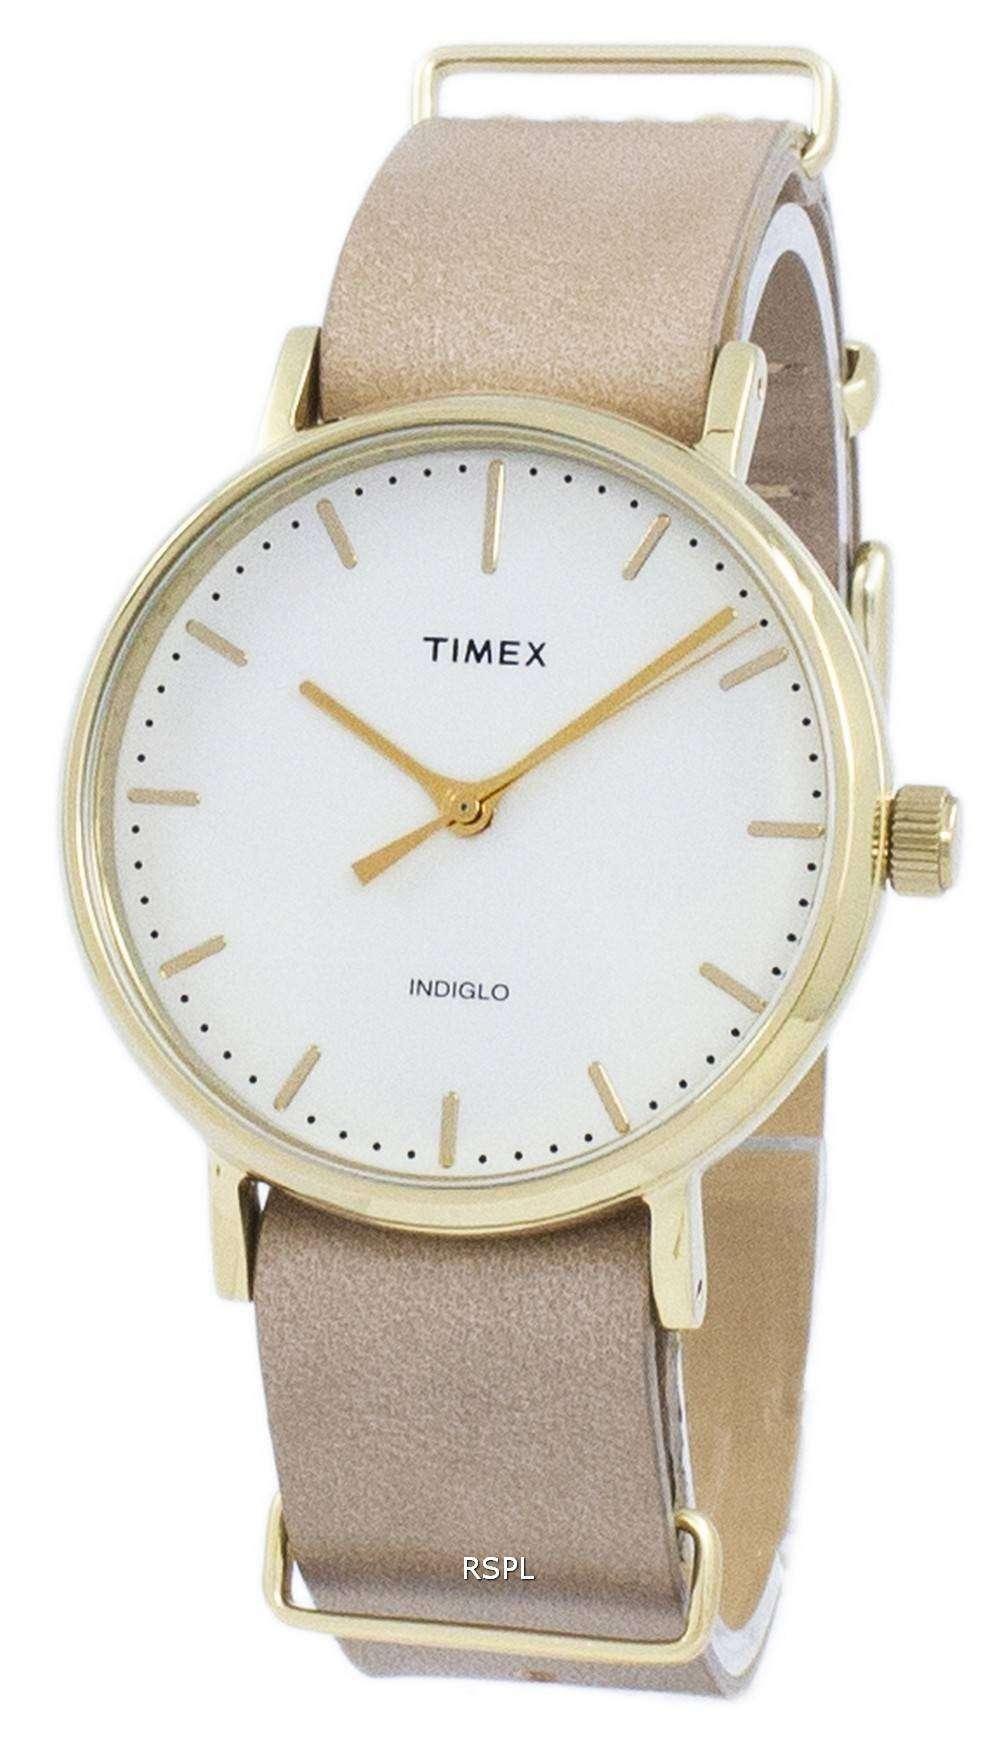 04ef2f0162af Timex Weekender Fairfield Indiglo cuarzo TW2P98400 Watch Unisex ...